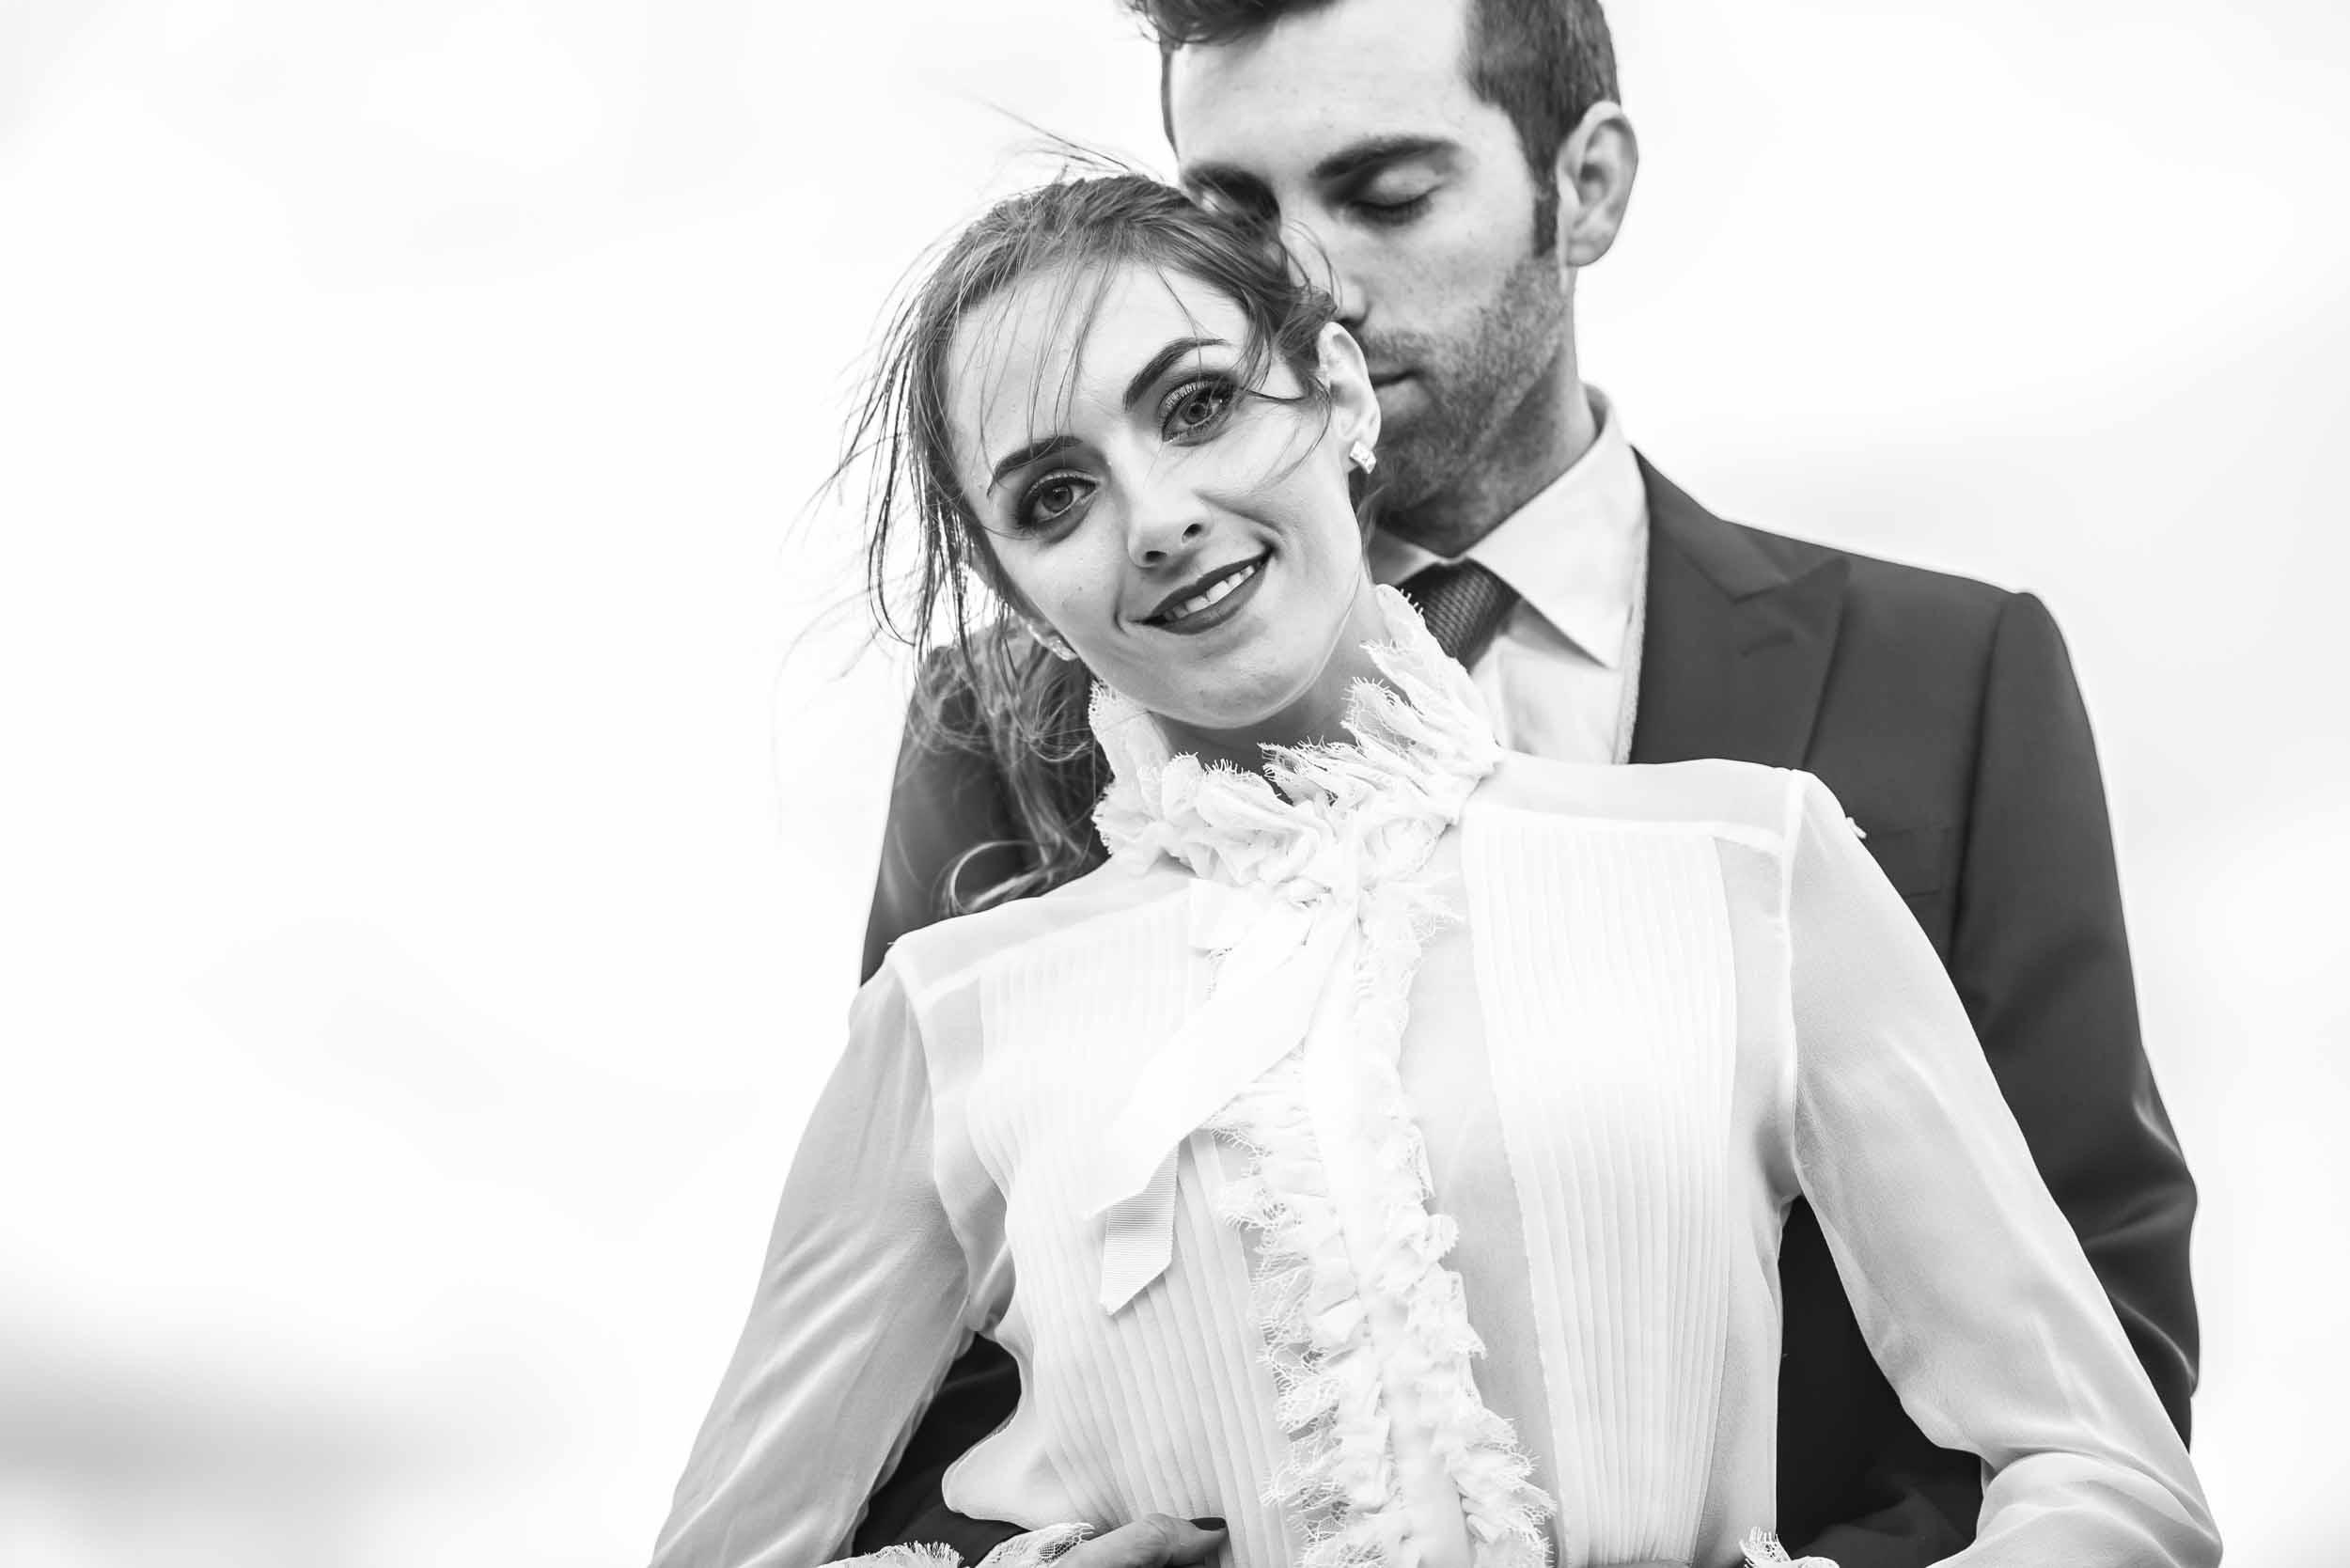 Antonio & Cati Post boda en Noruega. 2017 10